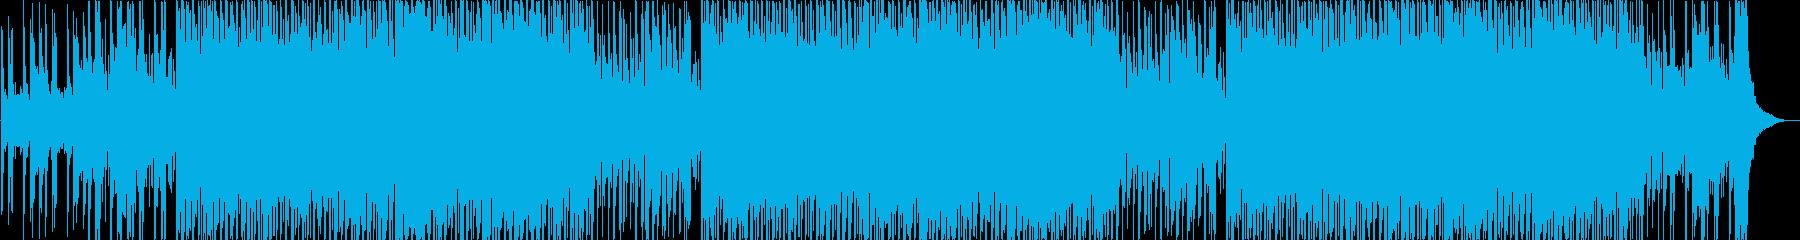 かわいいベルが主役うきうきポップな日常bの再生済みの波形